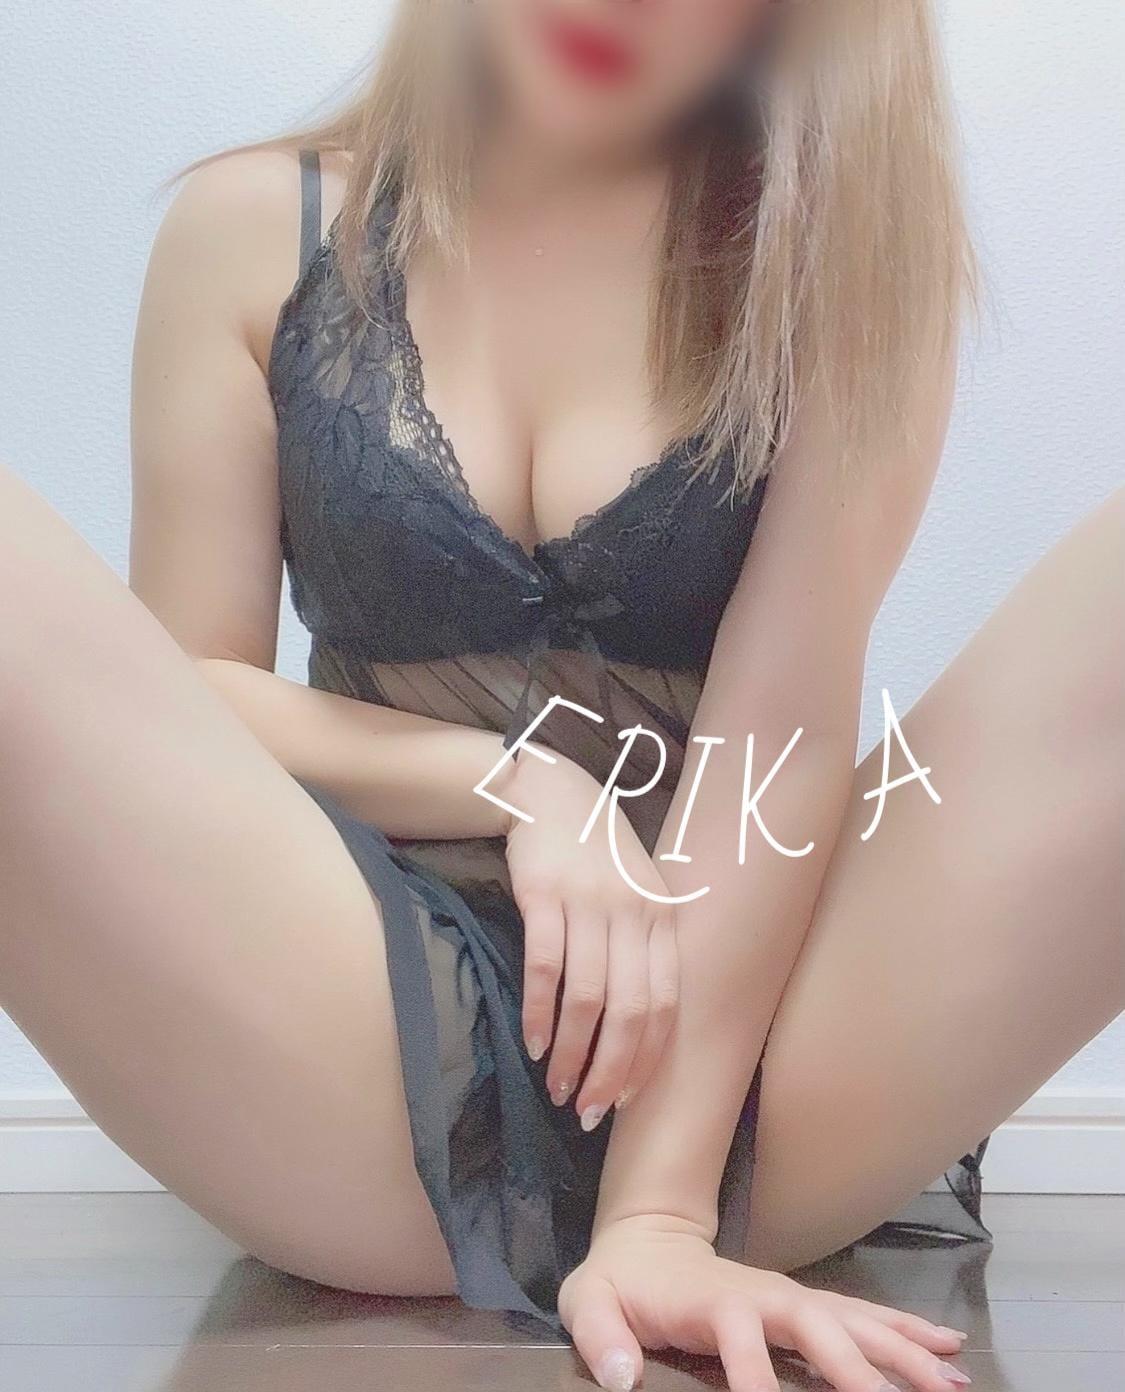 「ぎゅって込めて///」02/22(月) 11:40   えりかの写メ・風俗動画